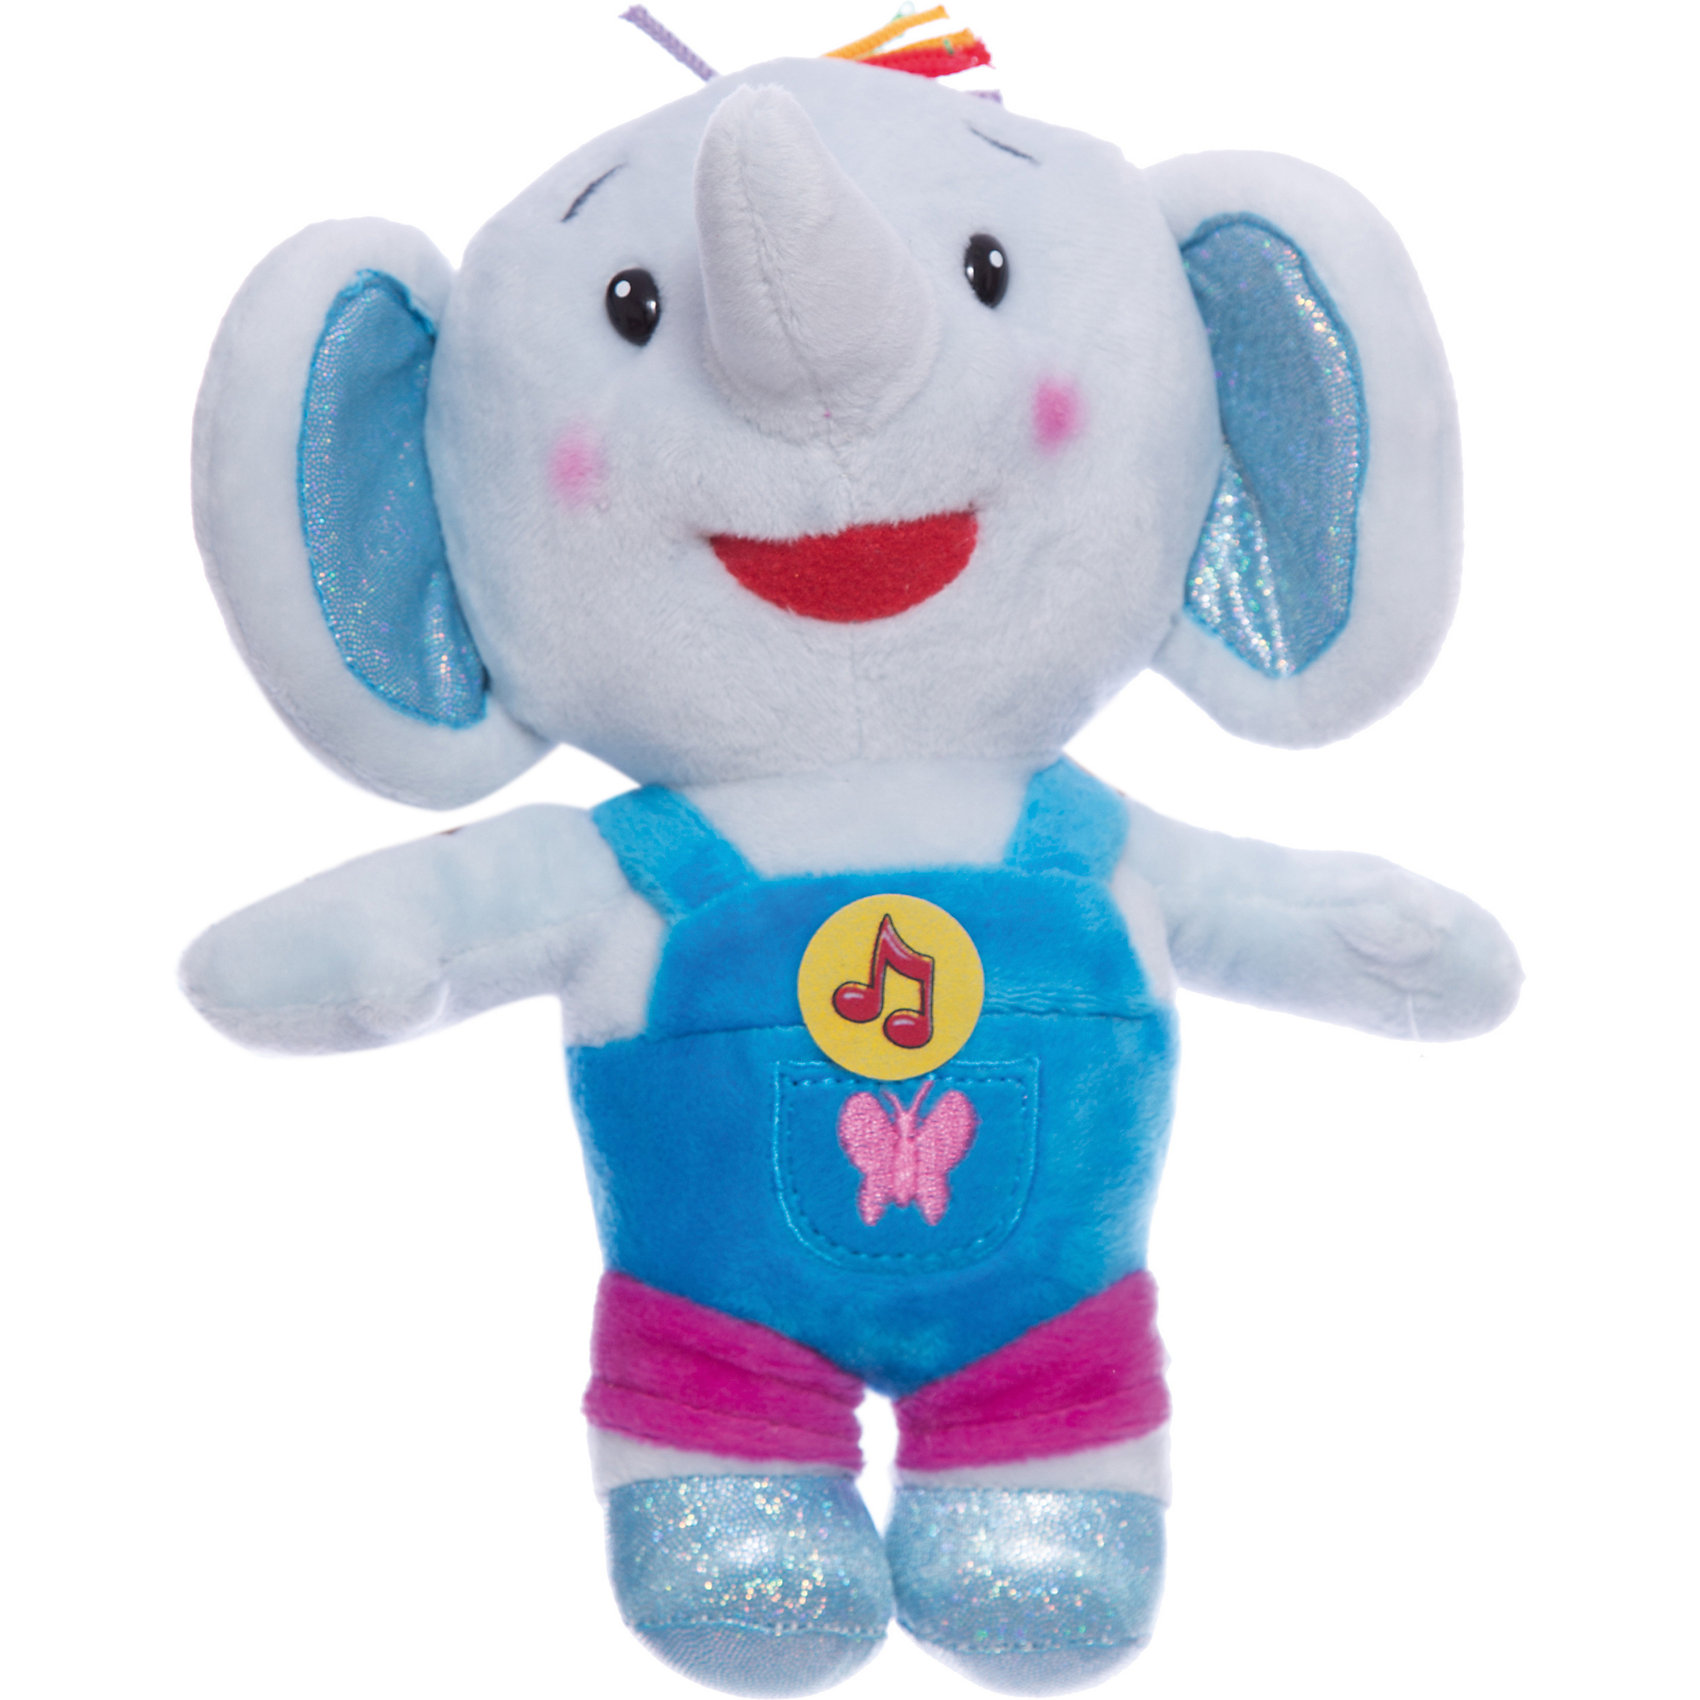 Мягкая игрушка Тома, 20 см, Мульти-ПультиЛюбимые герои<br>Игрушки могут не только развлекать малыша, но и помогать его всестороннему развитию. Эта игрушка поможет формированию разных навыков, он помогает развить тактильное восприятие, цветовосприятие, звуковосприятие и мелкую моторику.<br>Изделие представляет собой игрушку из приятного на ощупь материала со звуковым модулем - ребенок может прослушать несколько фраз. Сделана игрушка из качественных материалов, безопасных для ребенка.<br><br>Дополнительная информация:<br><br>цвет: разноцветный;<br>материал: текстиль;<br>звуковой модуль;<br>высота: 20 см.<br><br>Мягкую игрушку Тома, 20 см, от бренда Мульти-Пульти можно купить в нашем магазине.<br><br>Ширина мм: 100<br>Глубина мм: 320<br>Высота мм: 230<br>Вес г: 140<br>Возраст от месяцев: 36<br>Возраст до месяцев: 2147483647<br>Пол: Унисекс<br>Возраст: Детский<br>SKU: 5002243